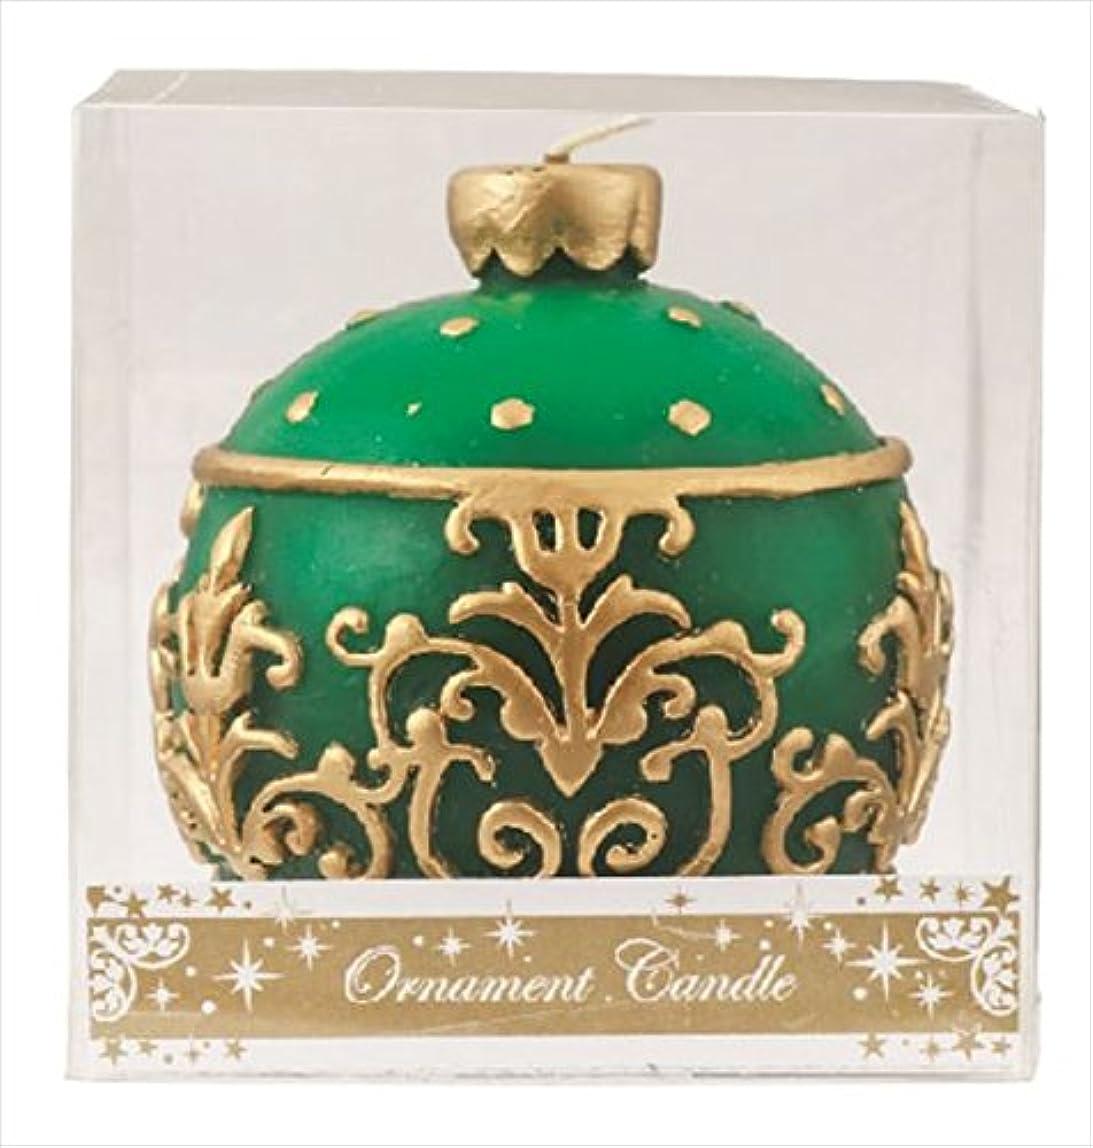 鋭くピザ干渉するカメヤマキャンドル(kameyama candle) オーナメントキャンドル 「 グリーン 」